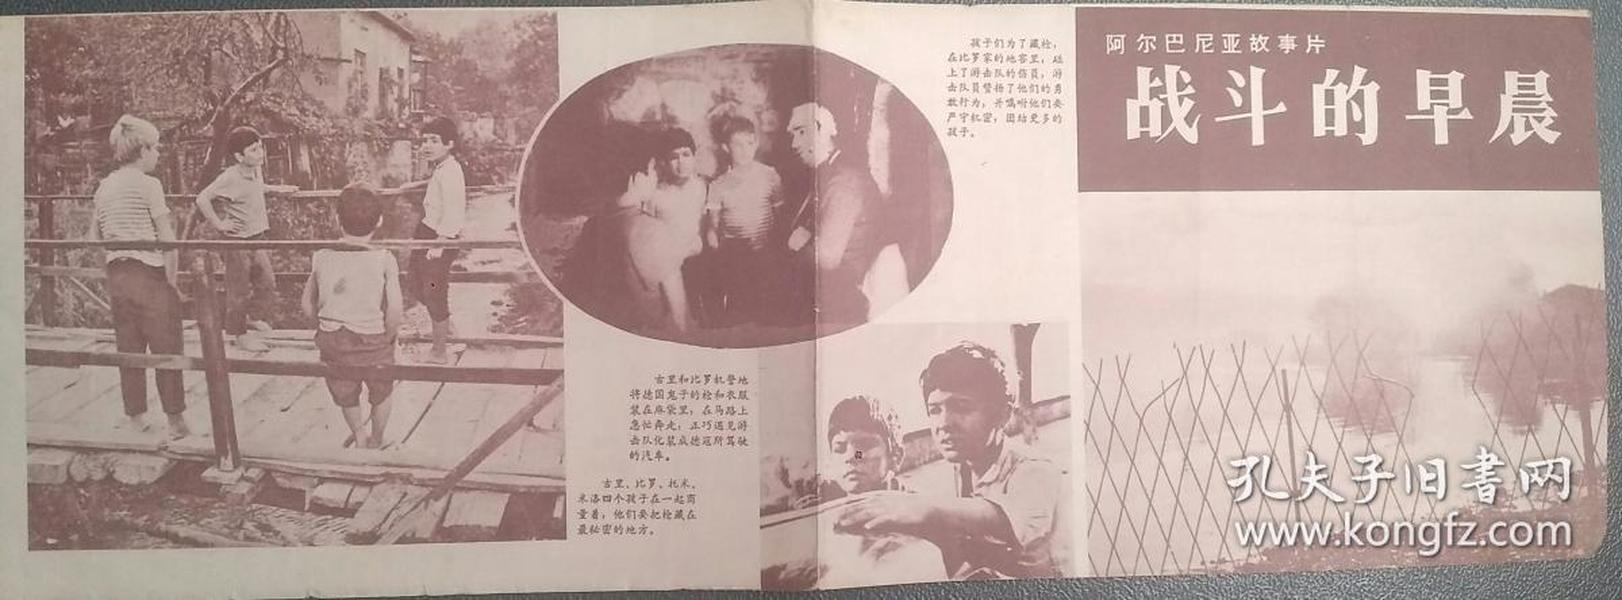 上海市電影發行放映公司印的上海譯制片《戰斗的早晨》電影說明書